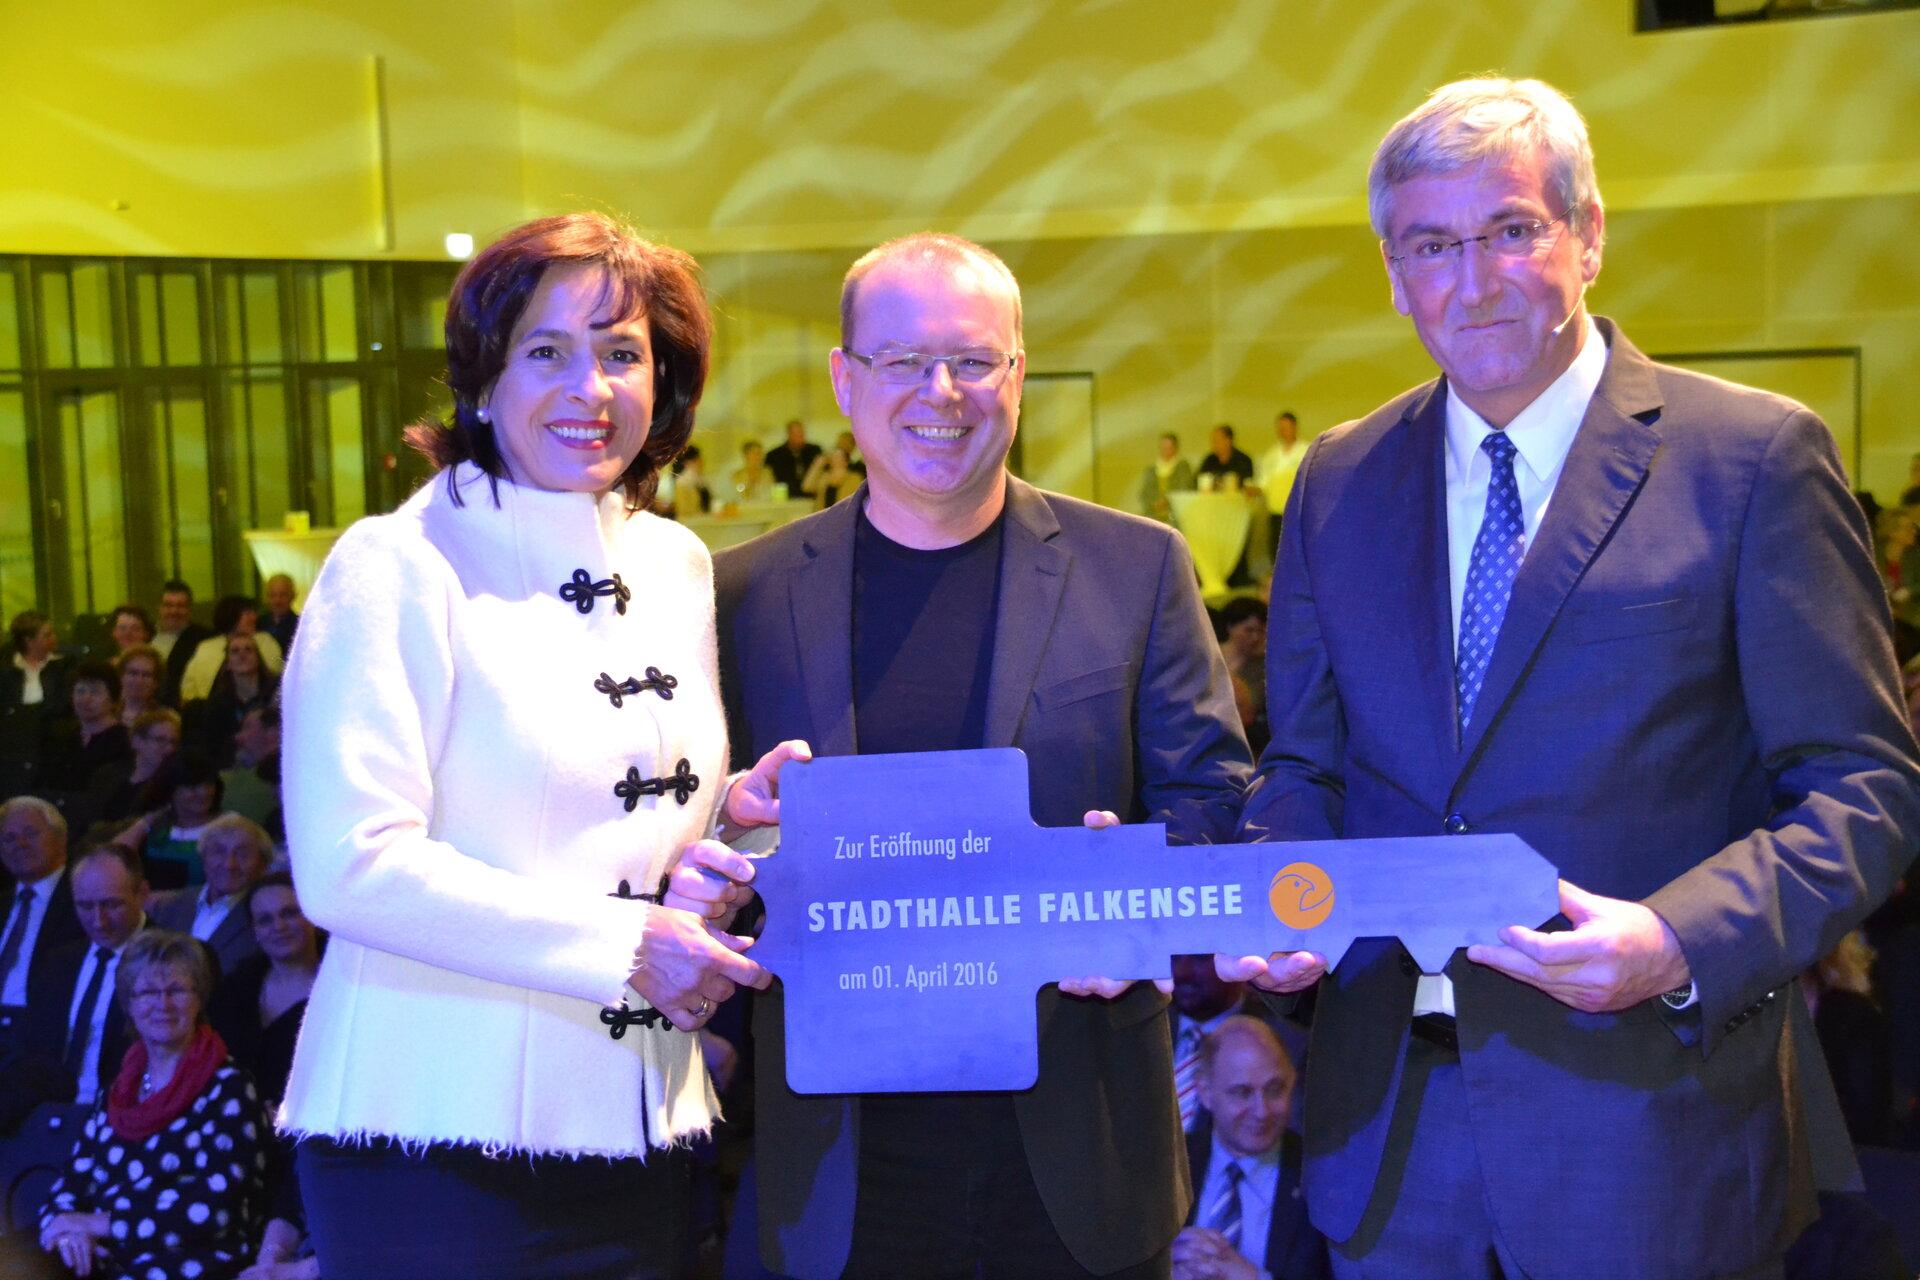 Unser Bild zeigt die Schlüsselübergabe bei der festlichen Eröffnung der Stadthalle Falkensee (Quelle: Stadtarchiv).